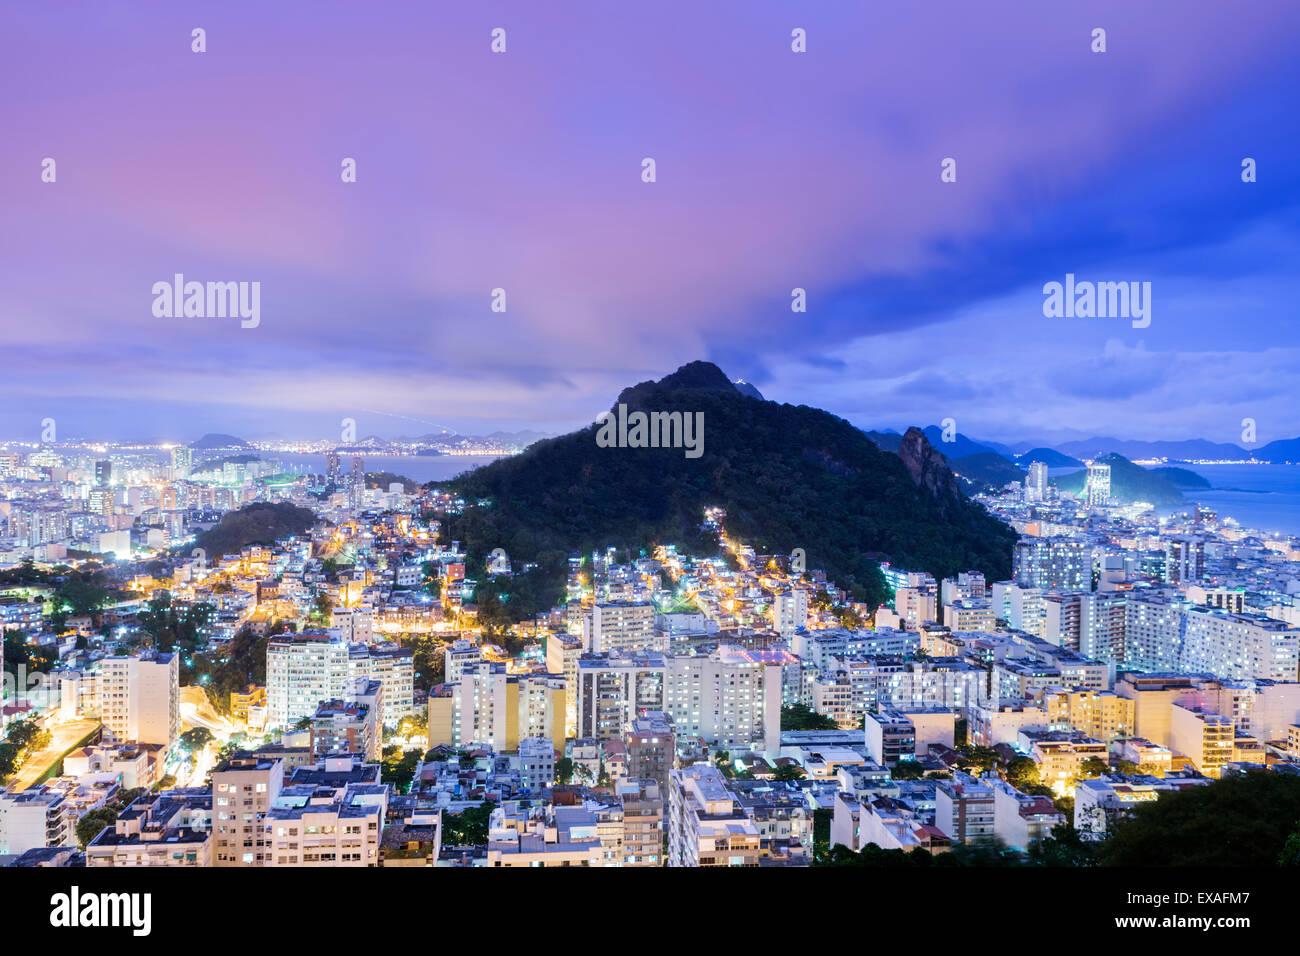 Twilight, beleuchtete Blick auf Copacabana, der Morro de Sao Joao, Botafogo und der atlantischen Küste von Stockbild